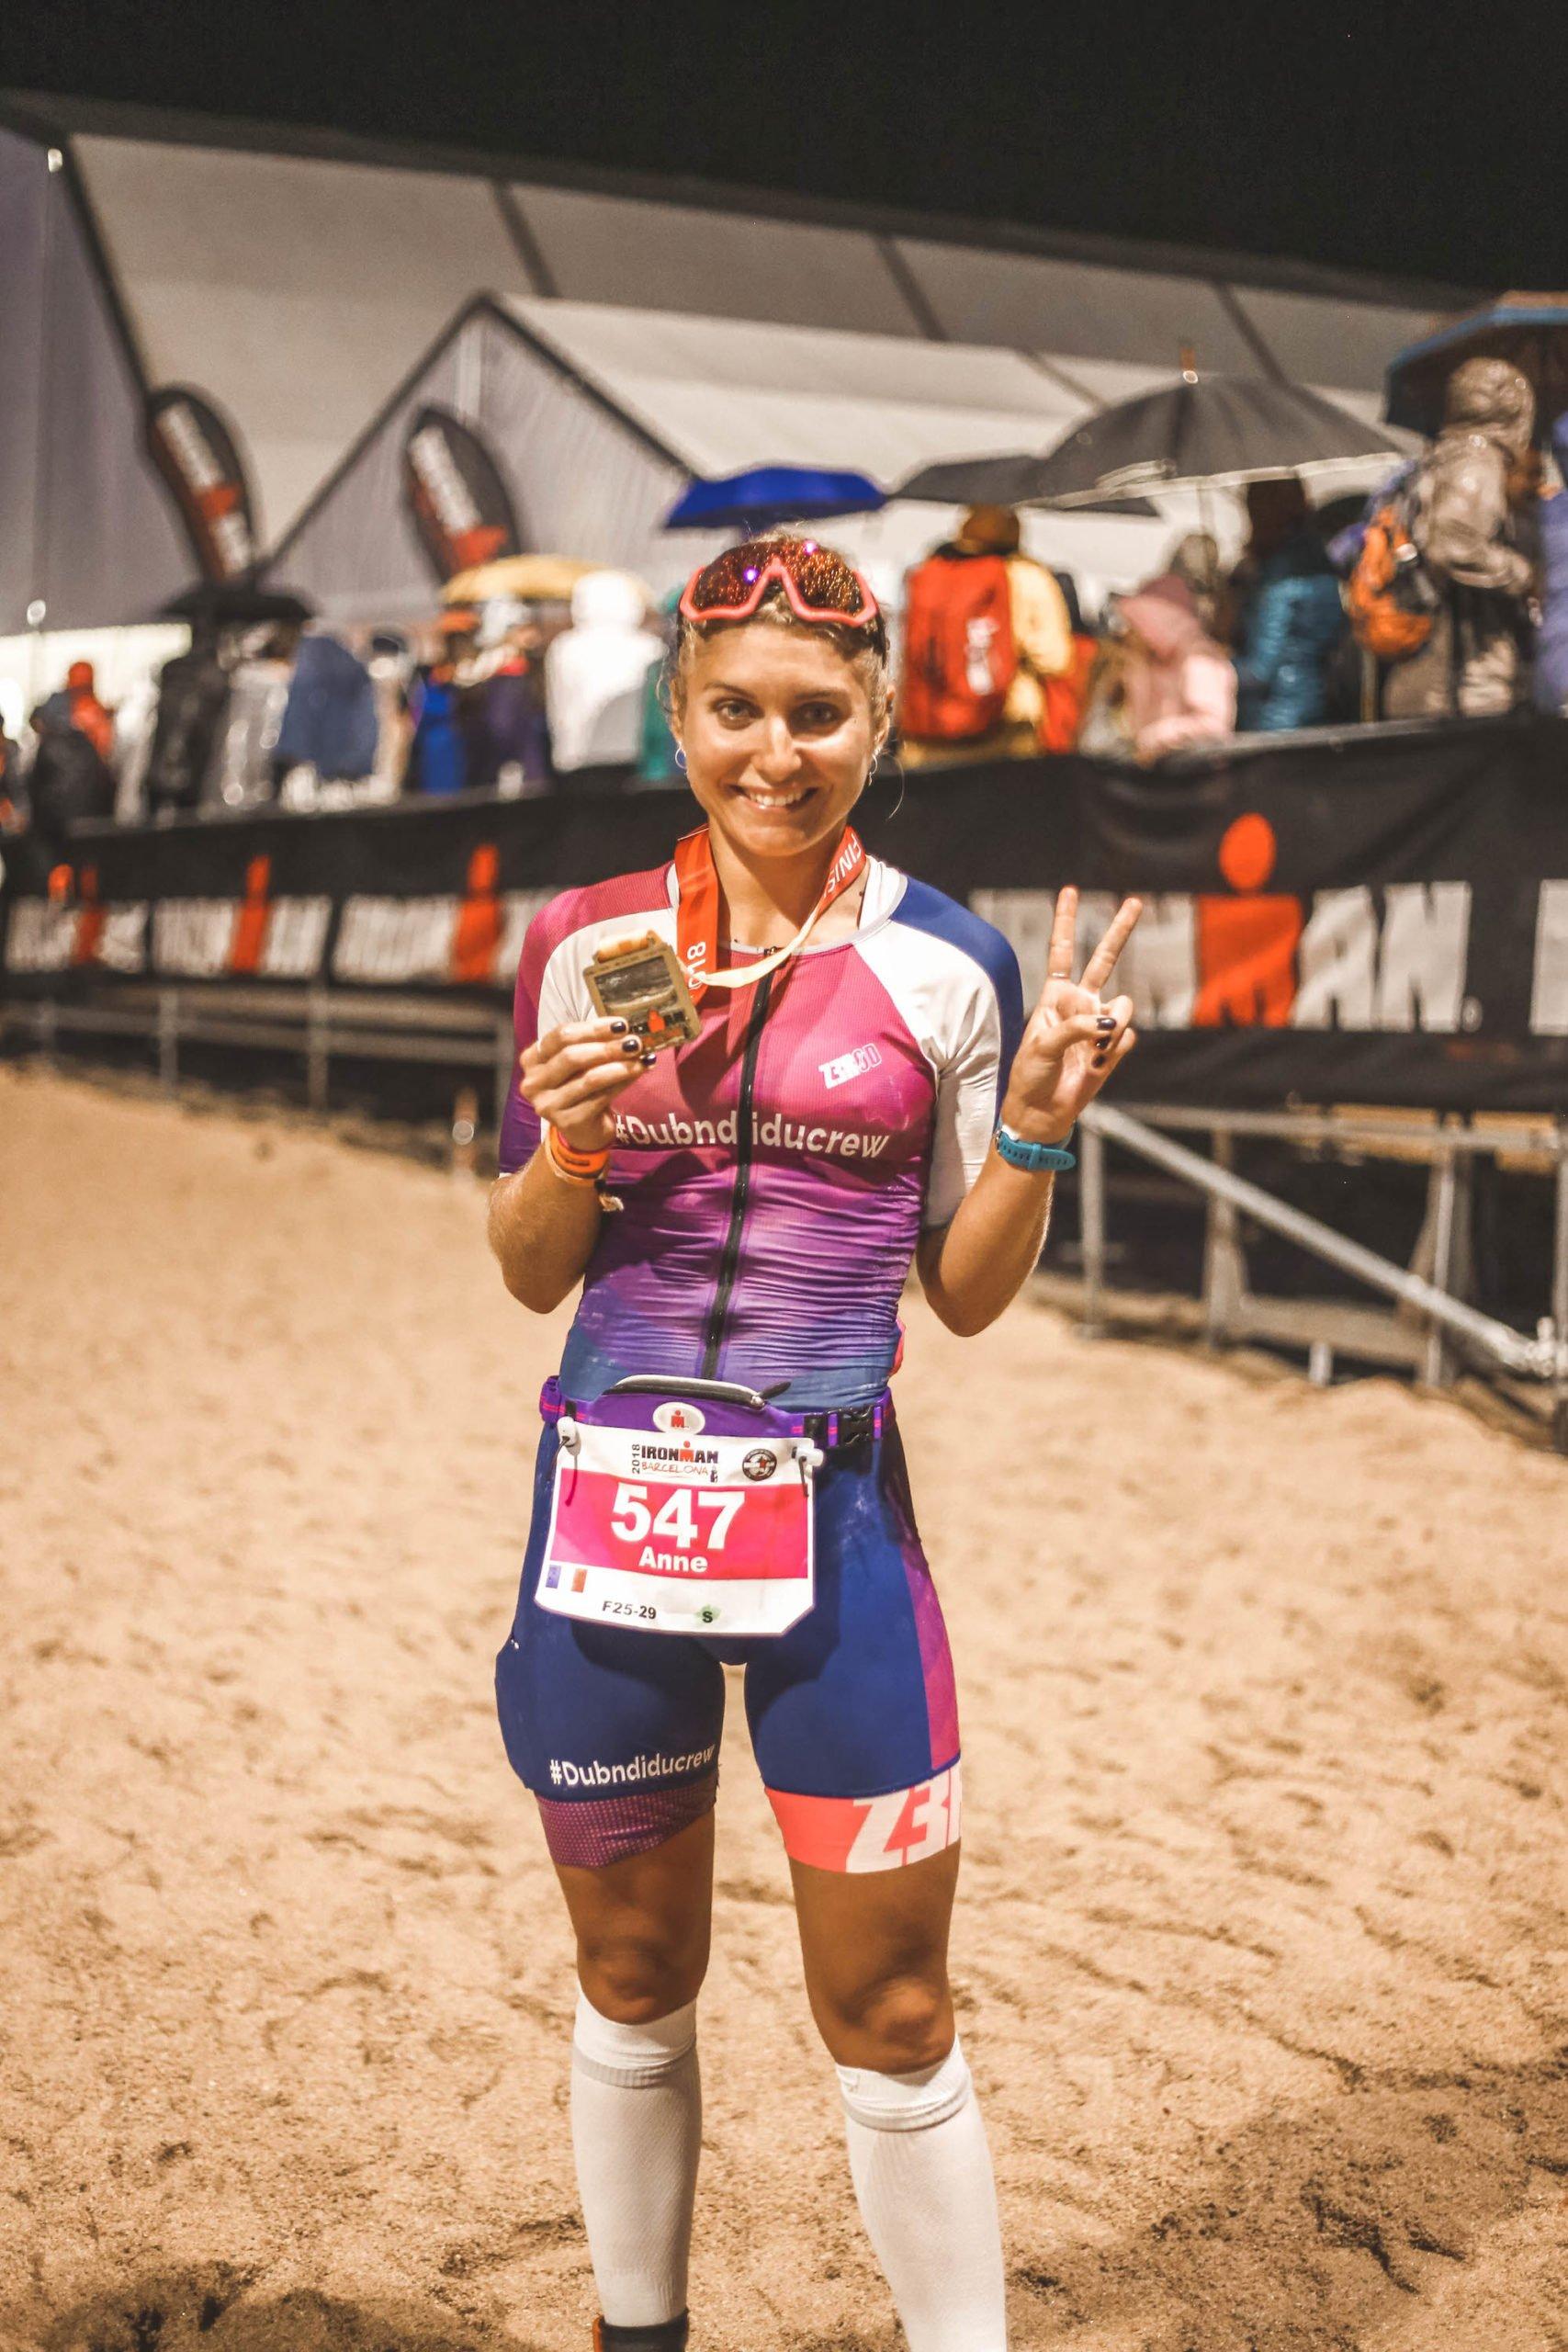 Barcelone 2018: Je participe à mon Premier Ironman !